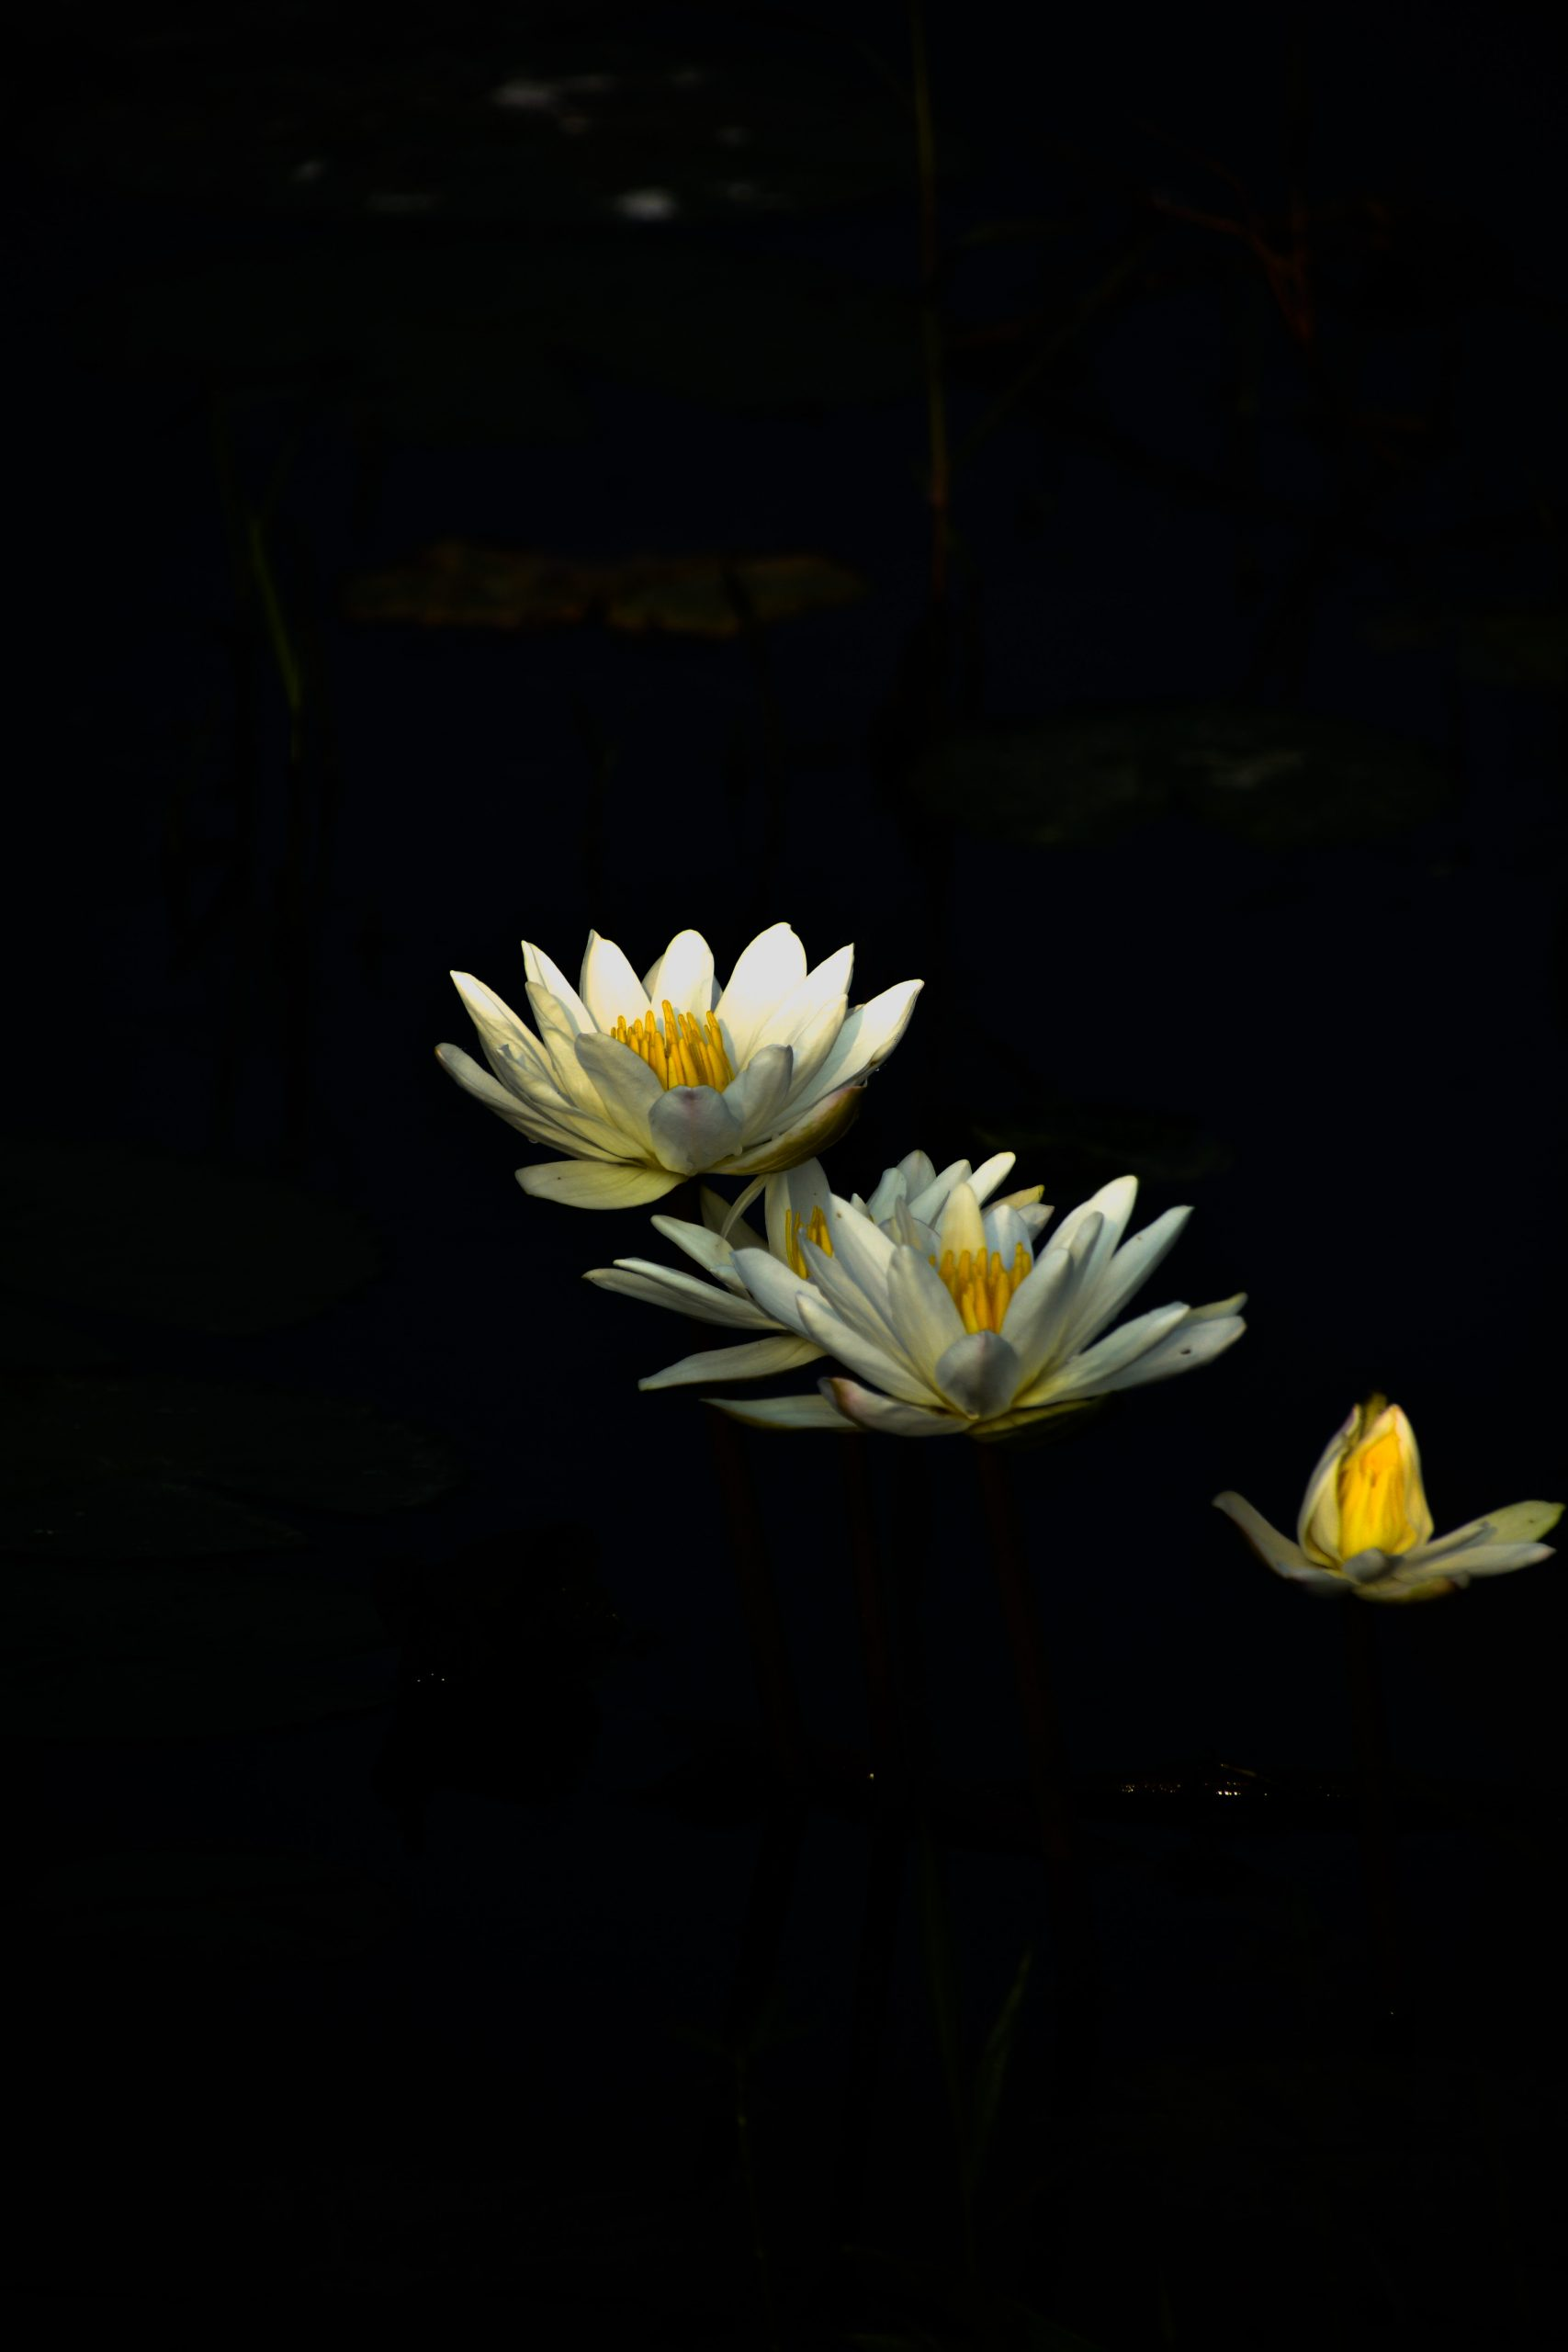 Blooming flower in dark